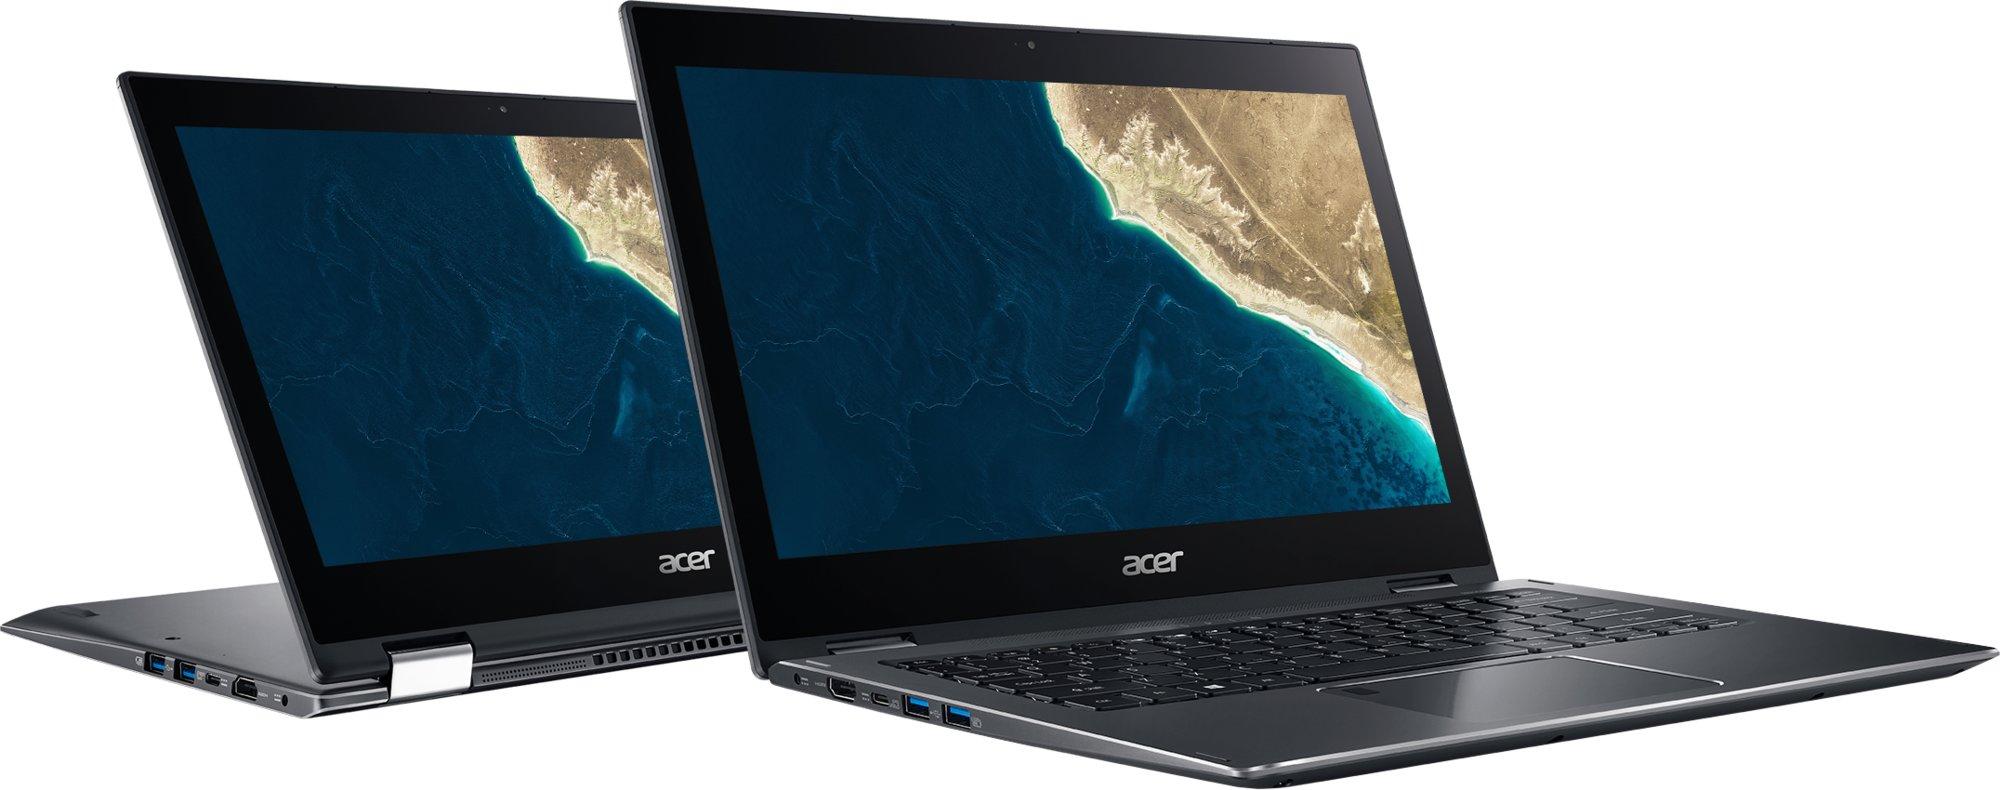 Acer Spin 5 SP513-53N-722Y